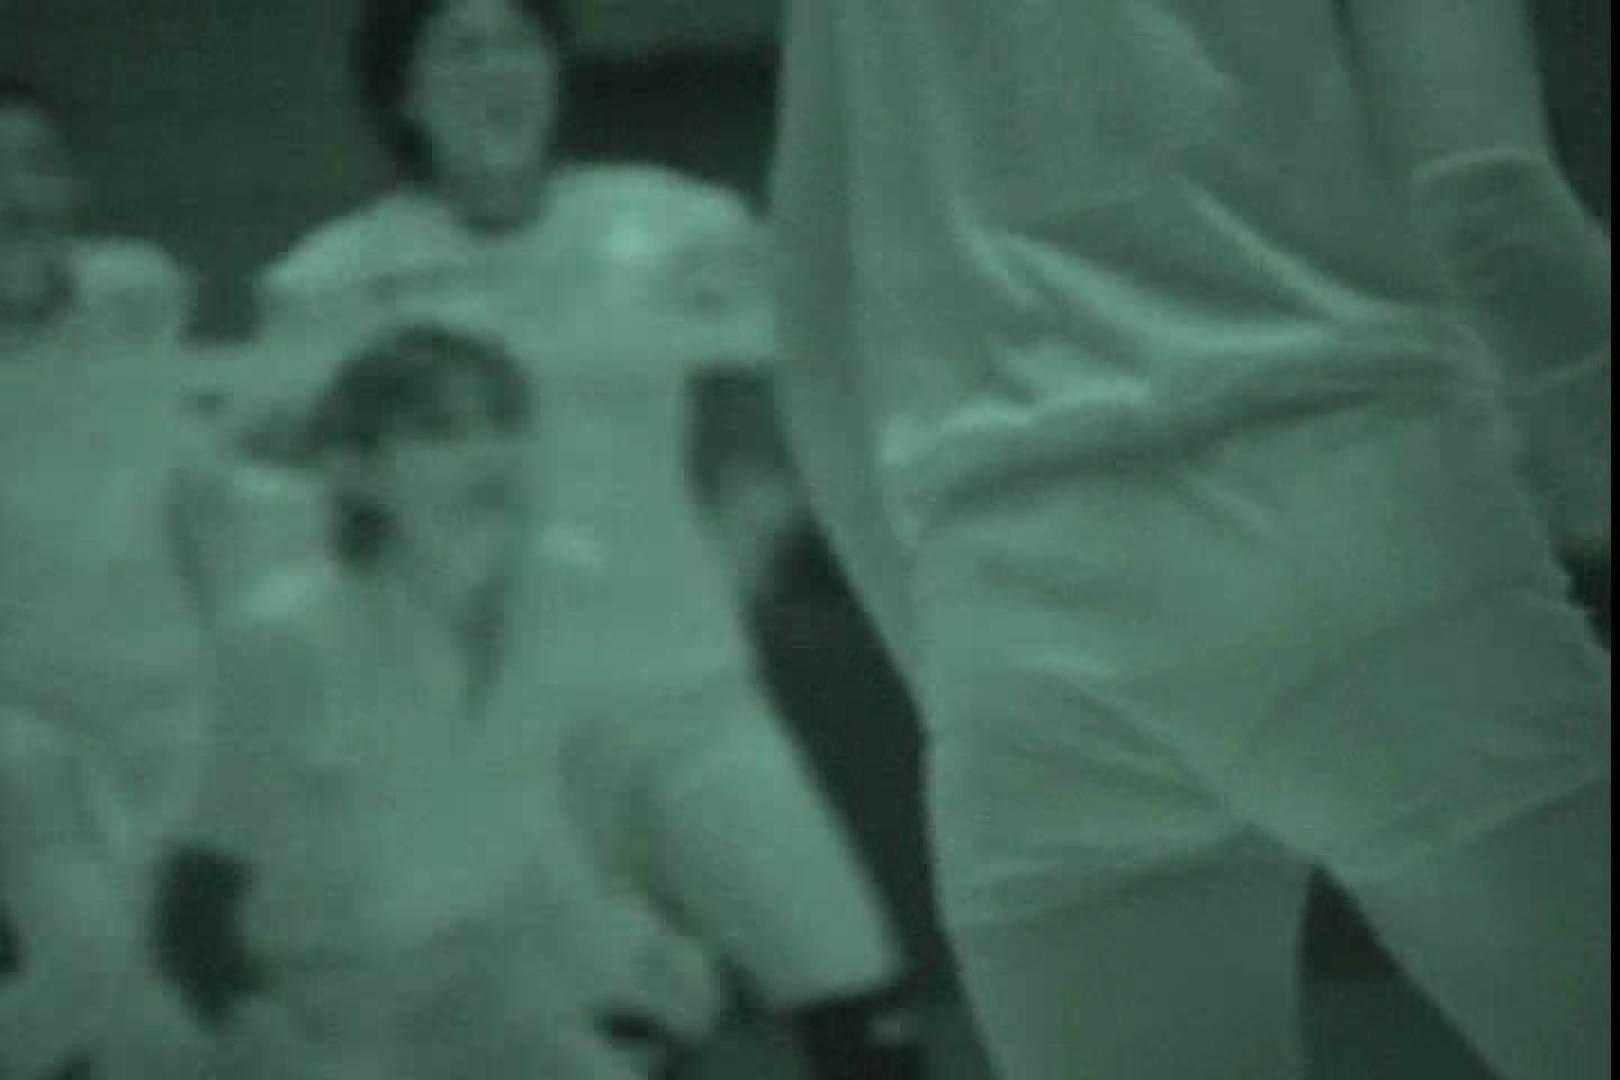 赤外線ムレスケバレー(汗) vol.02 赤外線 セックス無修正動画無料 93pic 8